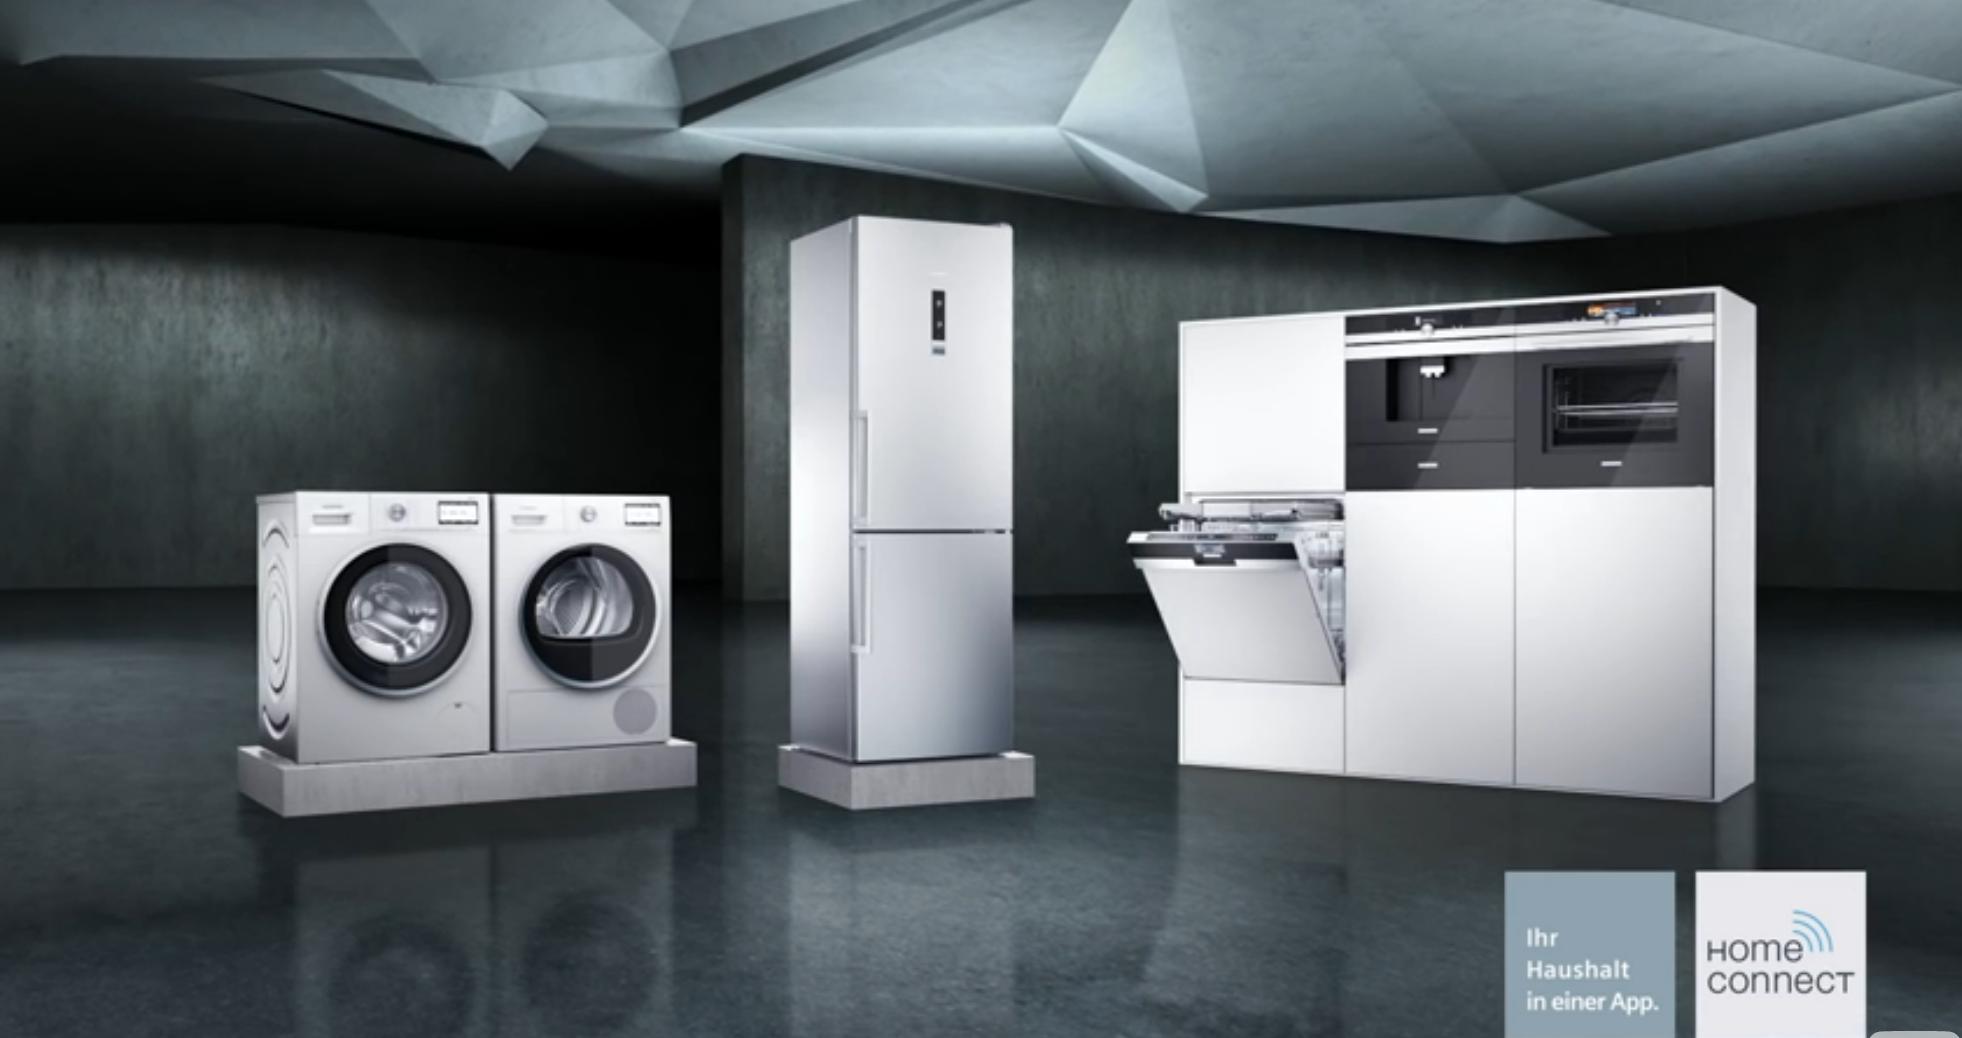 Siemens Retro Kühlschrank : Vernetzt siemens home connect demonstriert die vorteile von smart